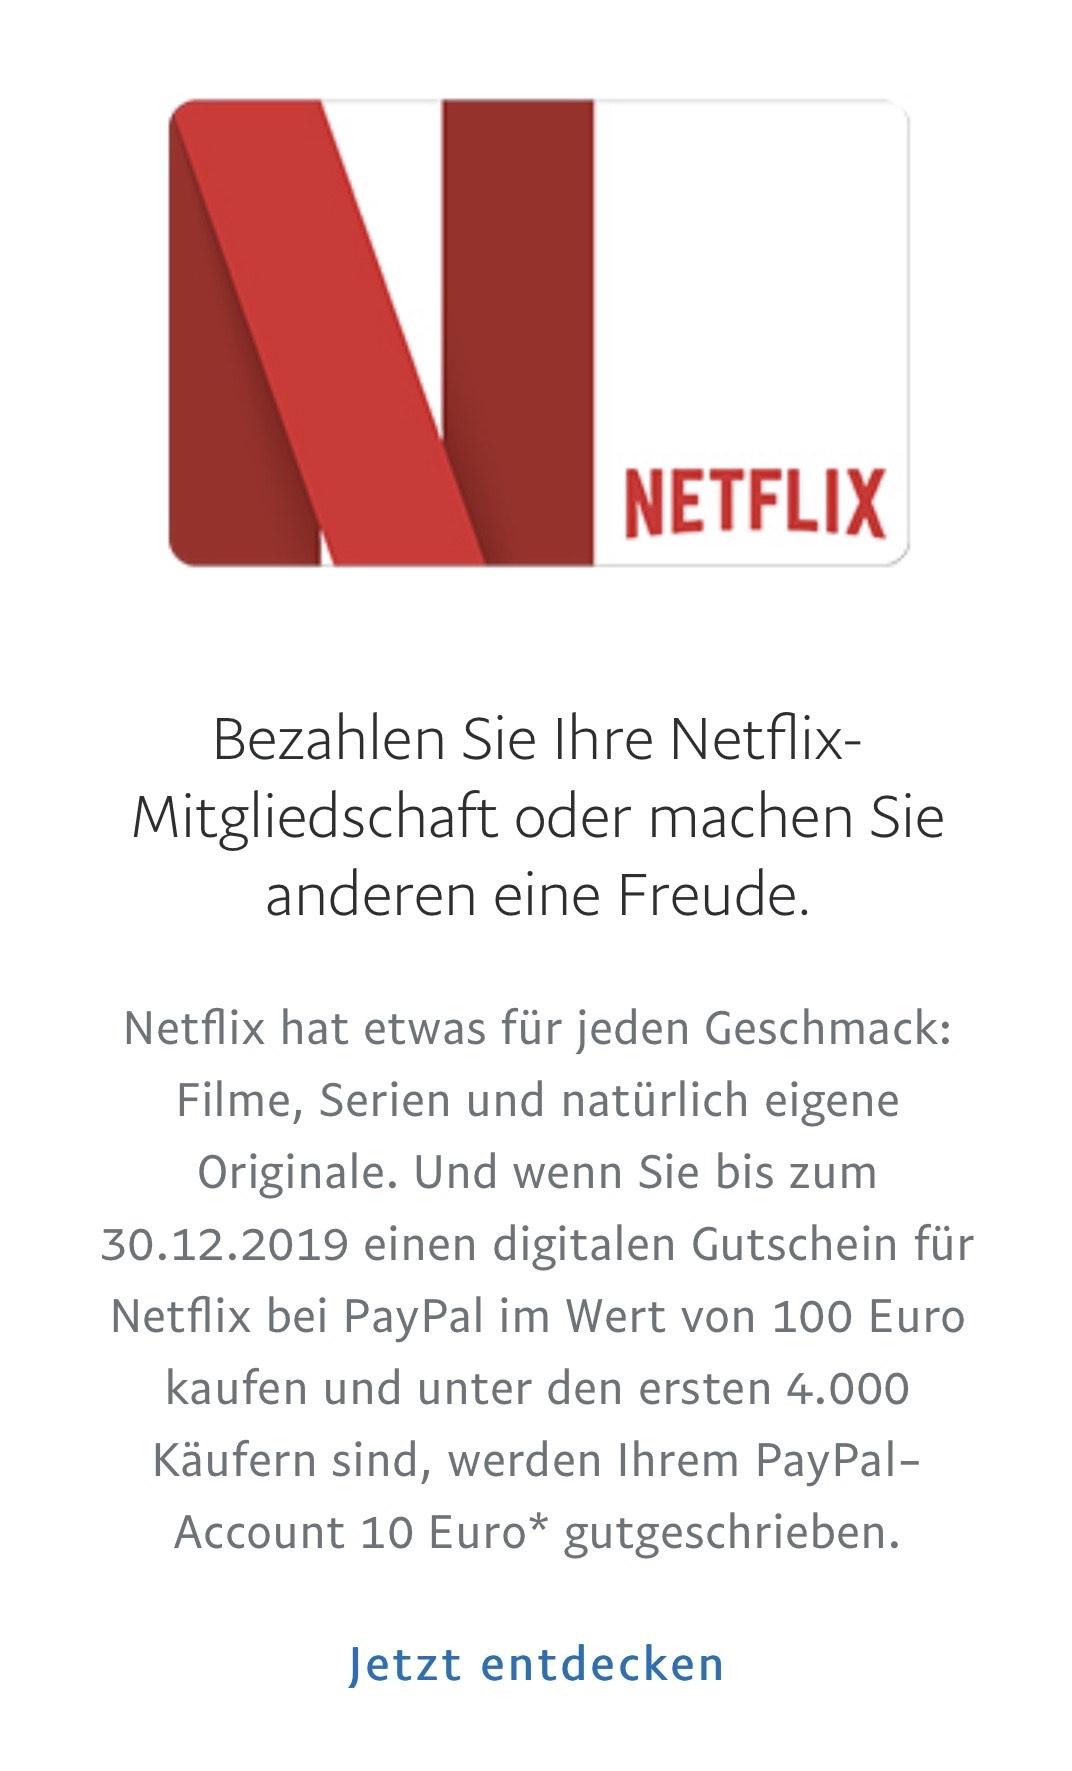 Netflix Gutschein über Paypal mit 10 Euro Gutschrift